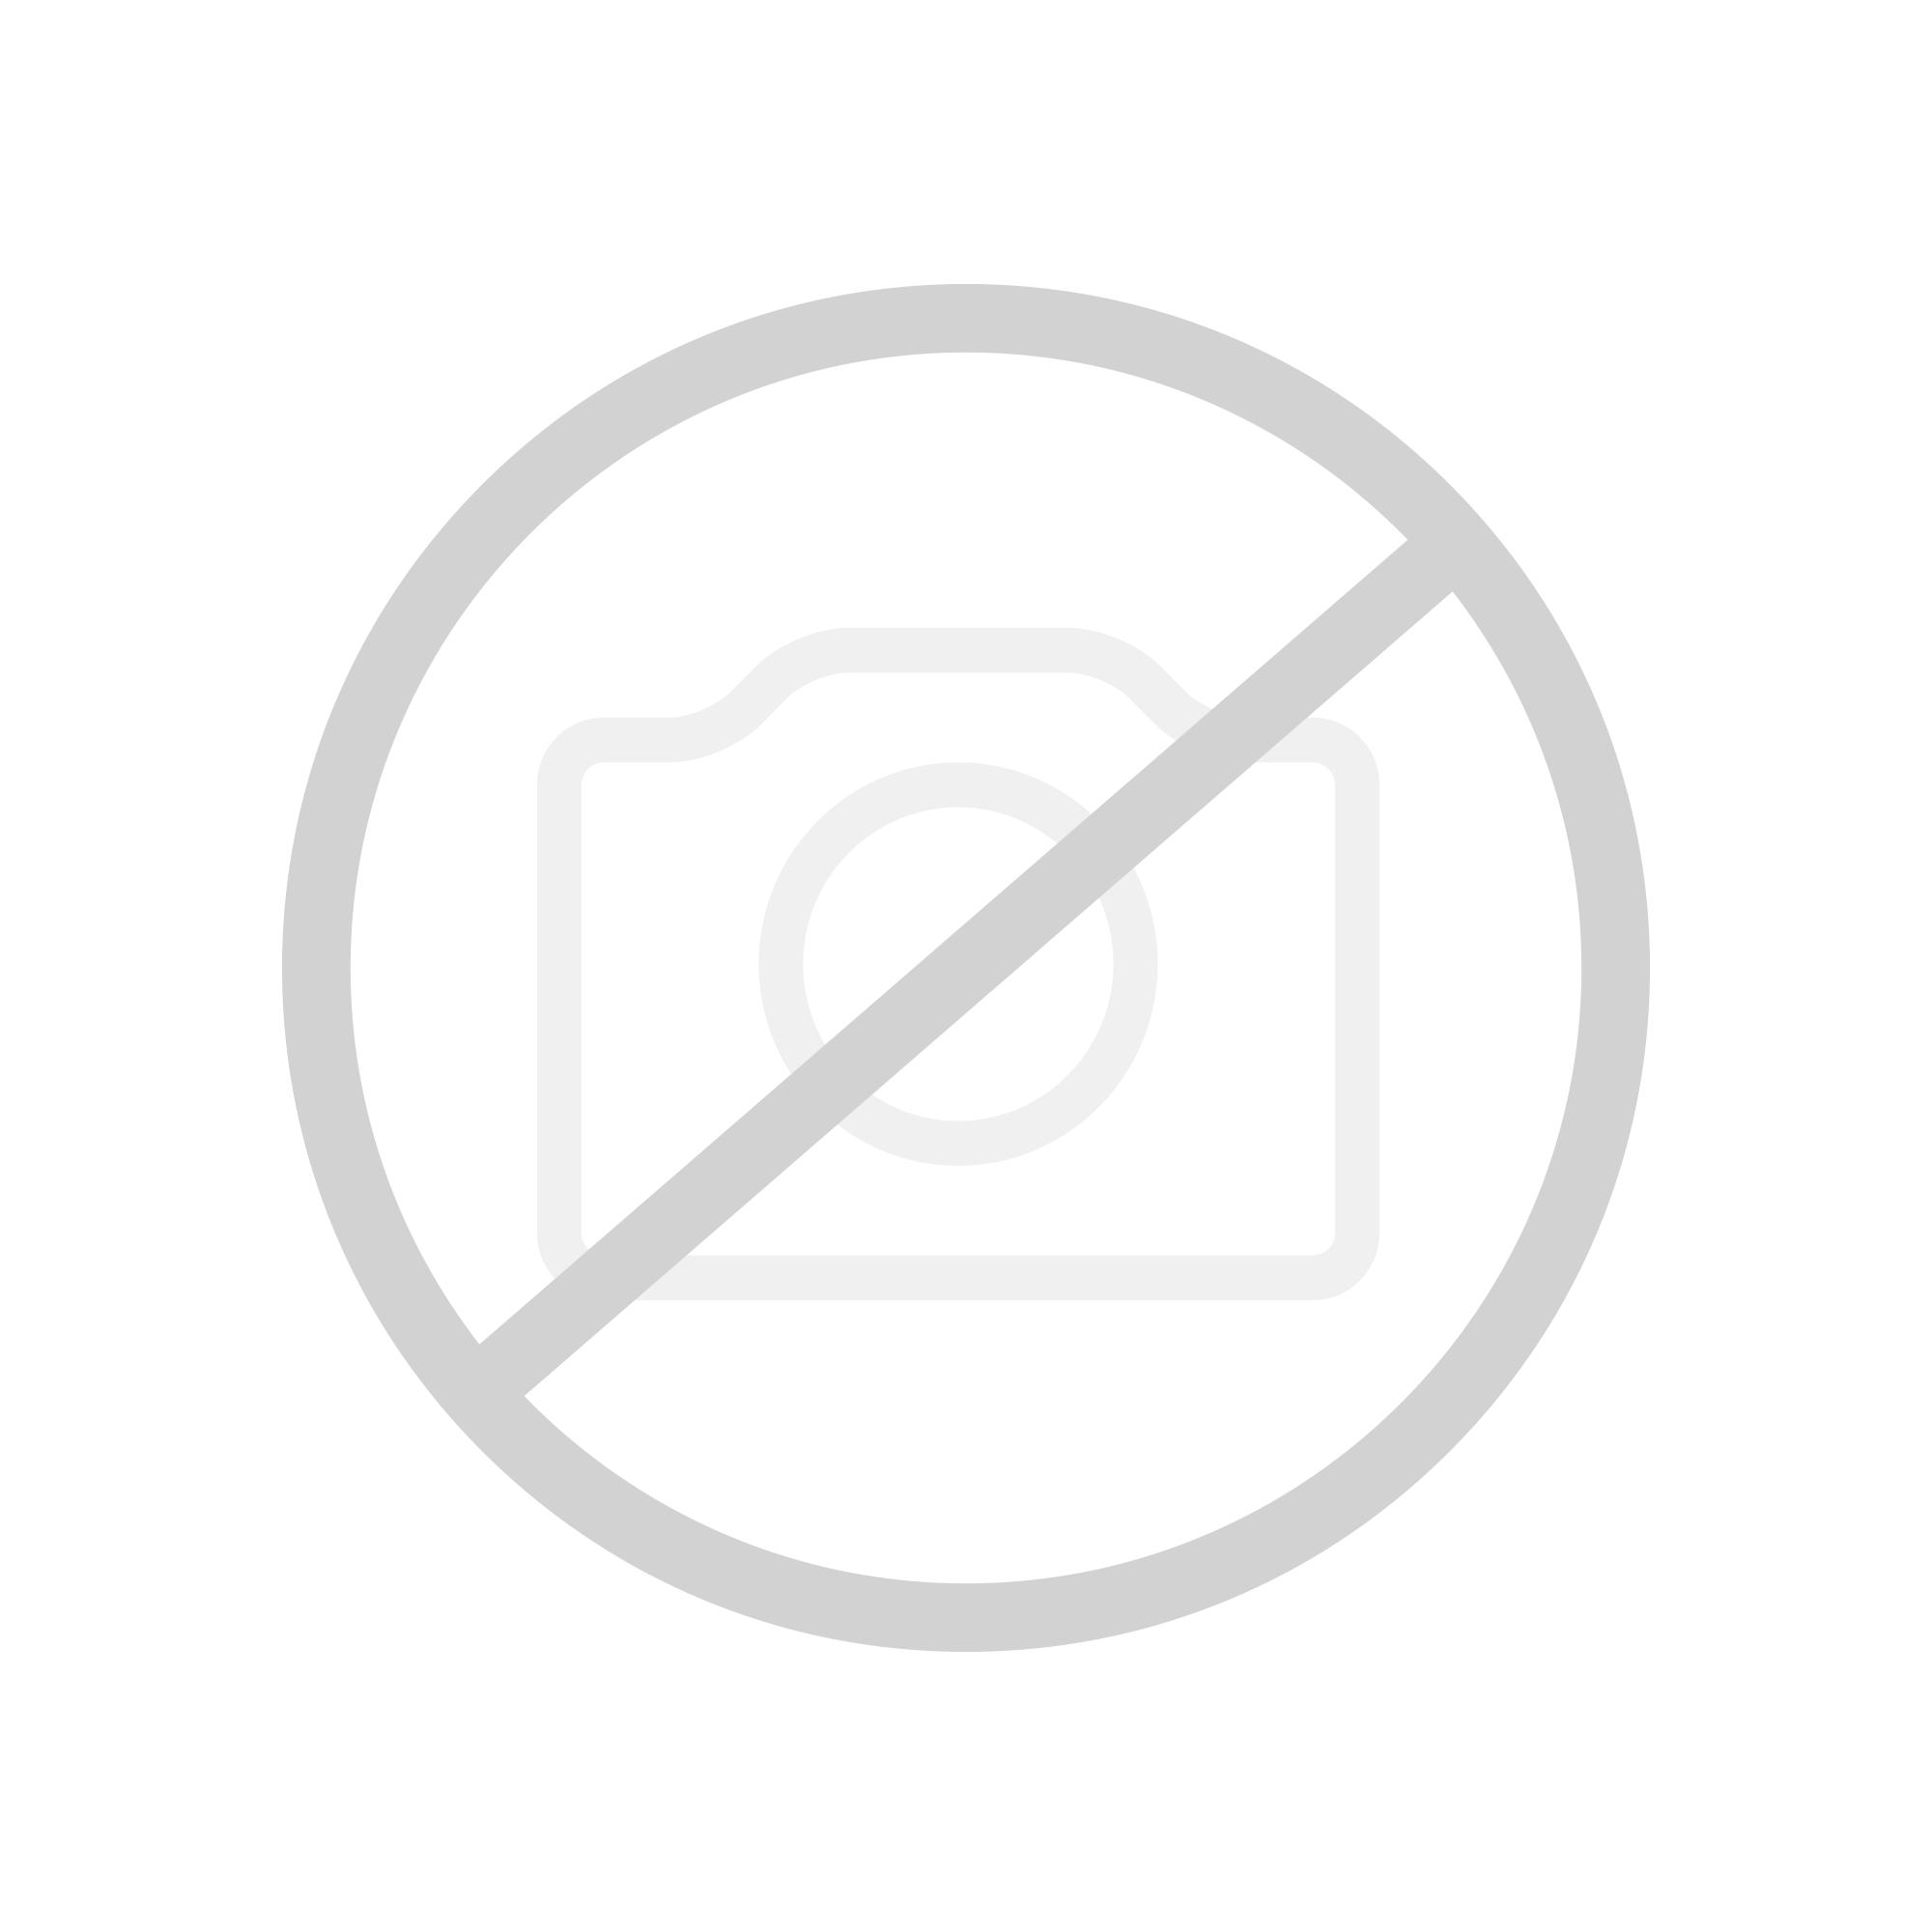 Geberit Duofix Fußstützen verlängert, verstärkt